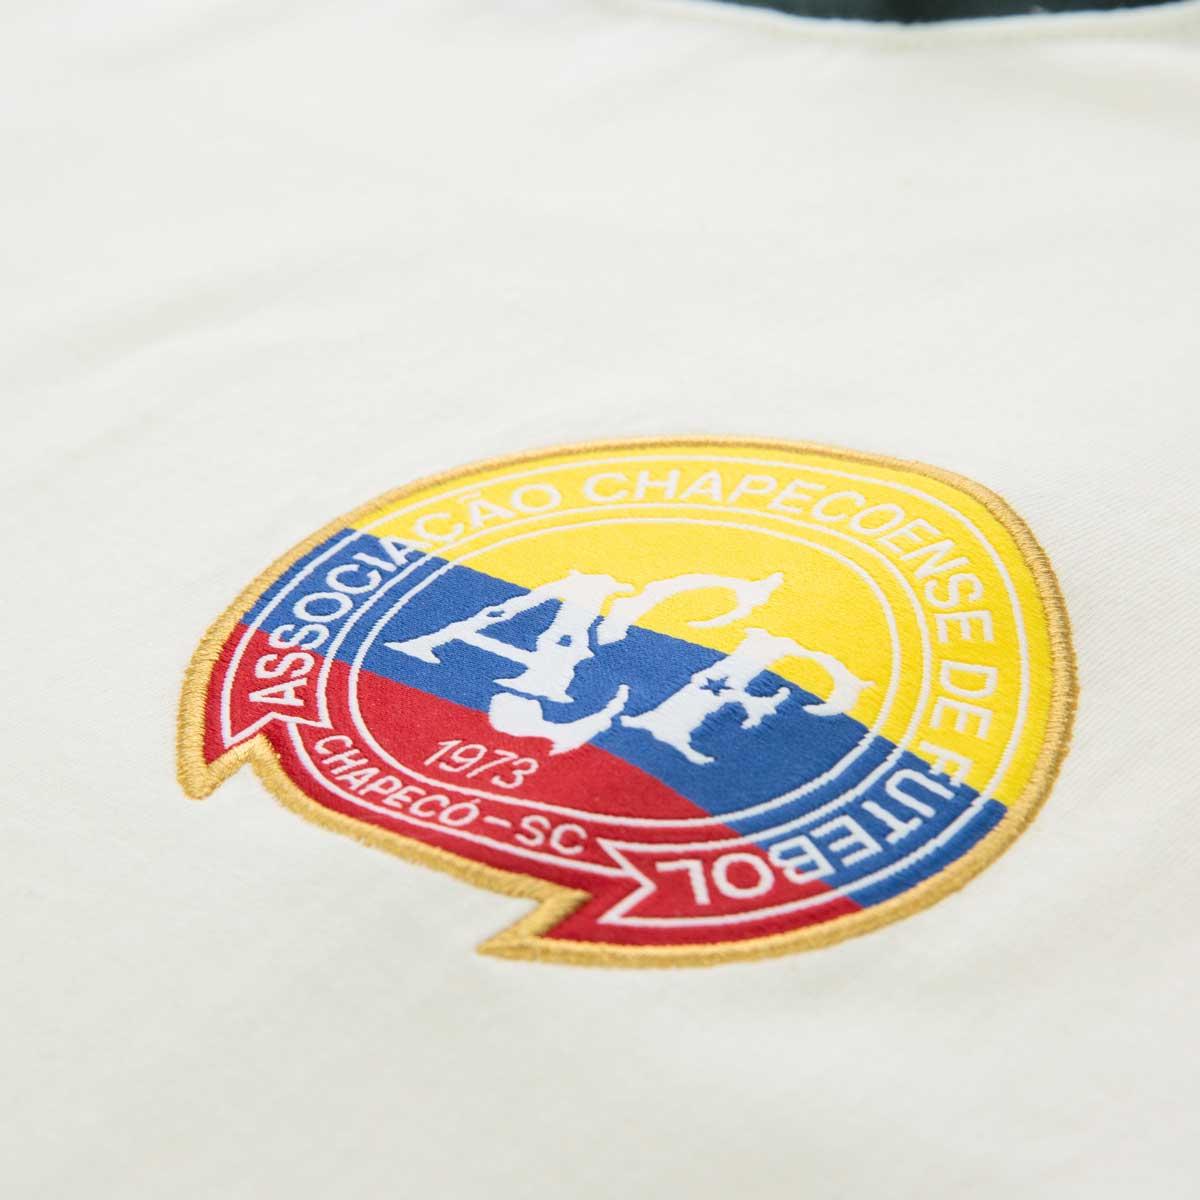 Camisa Solidária Retrô Gol Chapecoense Torcedor Offwhite